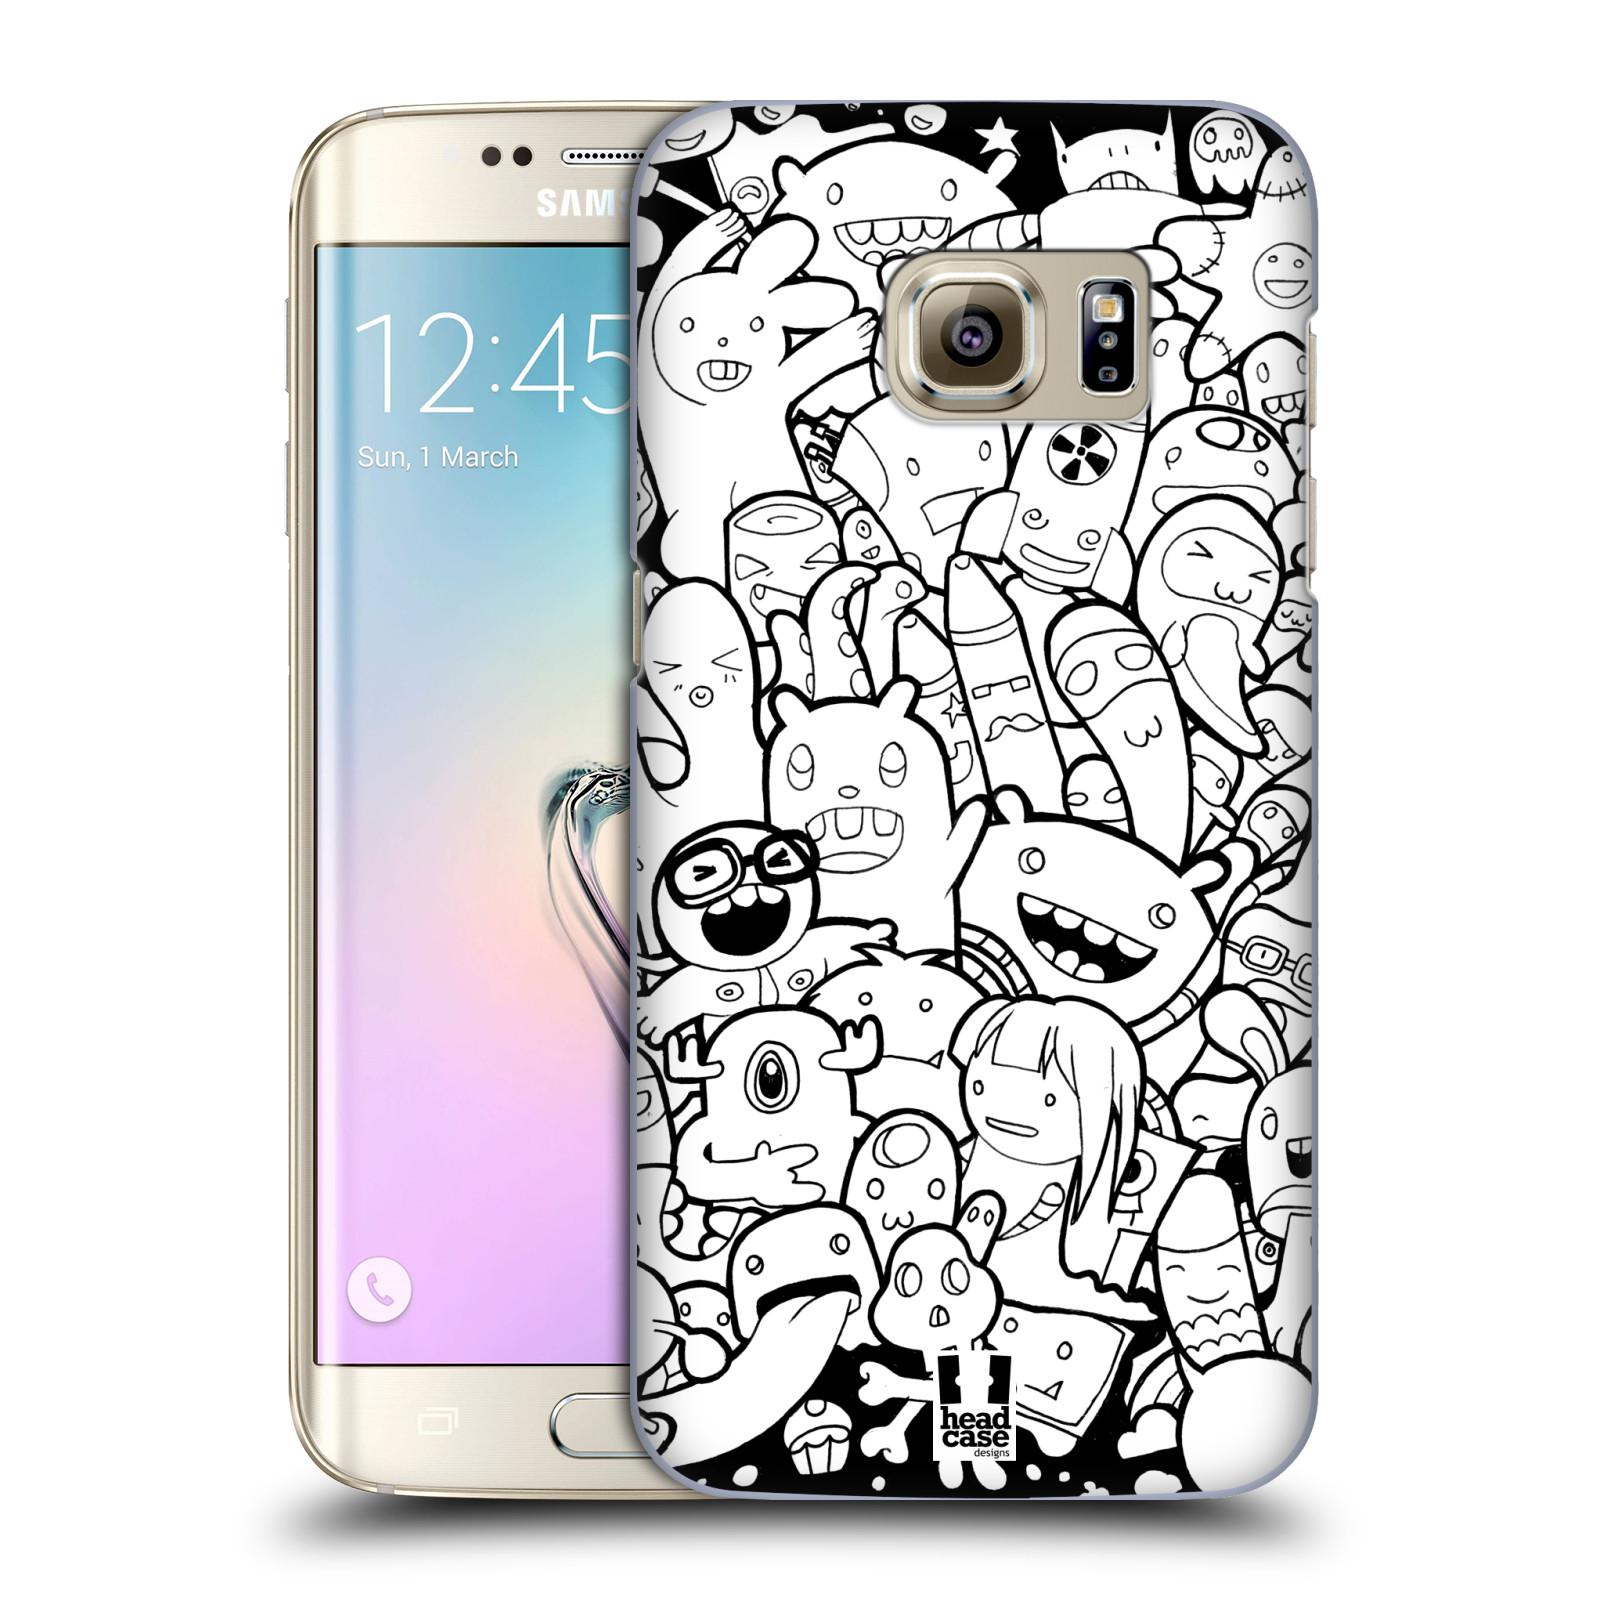 Plastové pouzdro na mobil Samsung Galaxy S7 Edge HEAD CASE DOODLE PŘÍŠERKY A MIMÍCI (Kryt či obal na mobilní telefon Samsung Galaxy S7 Edge SM-G935F)